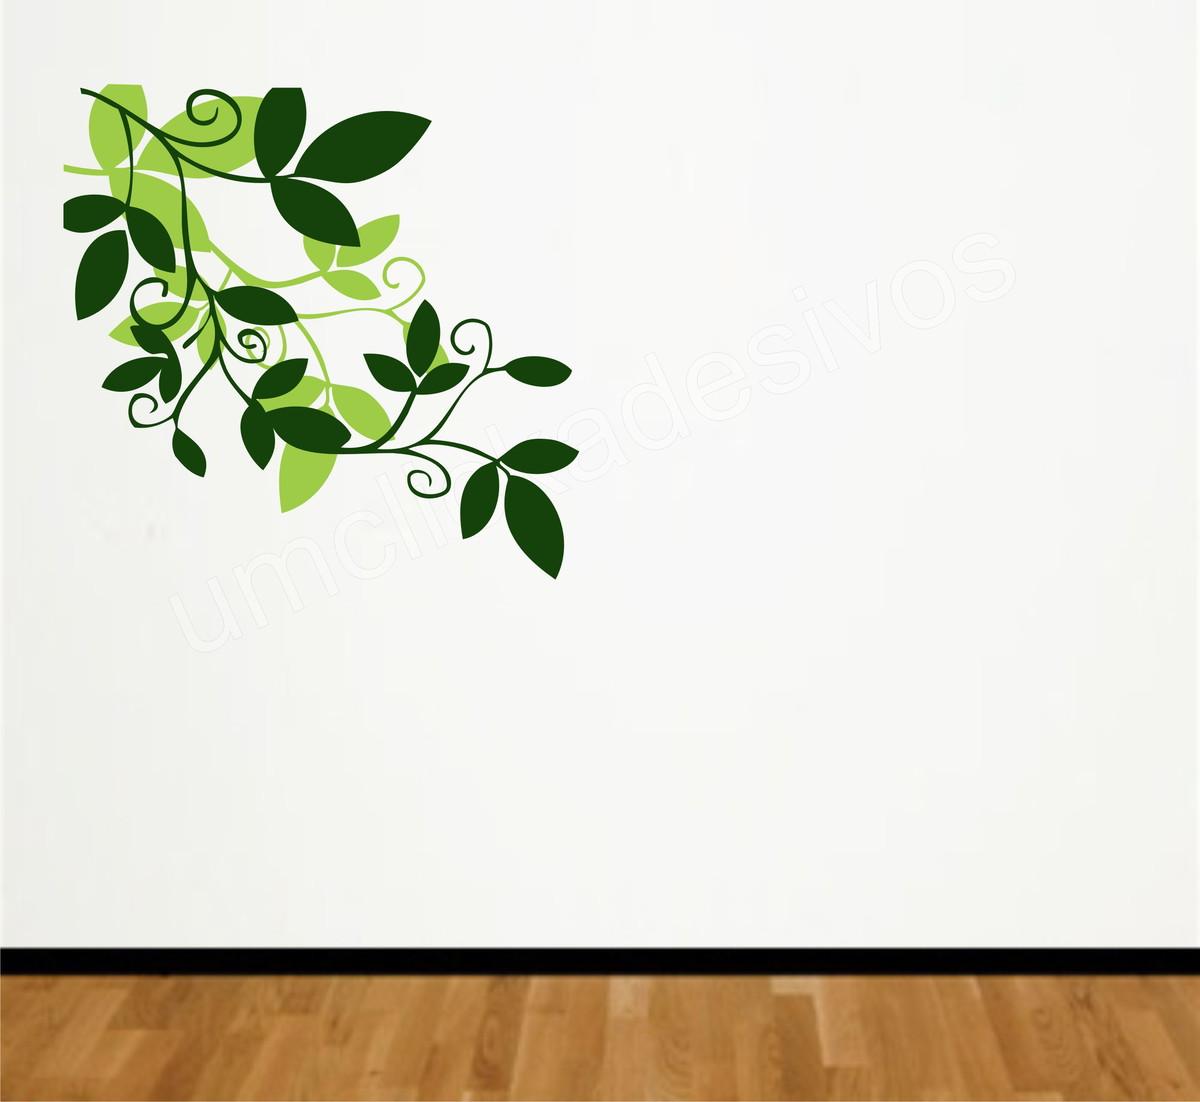 Adesivo Folhas Decorativas No Elo7